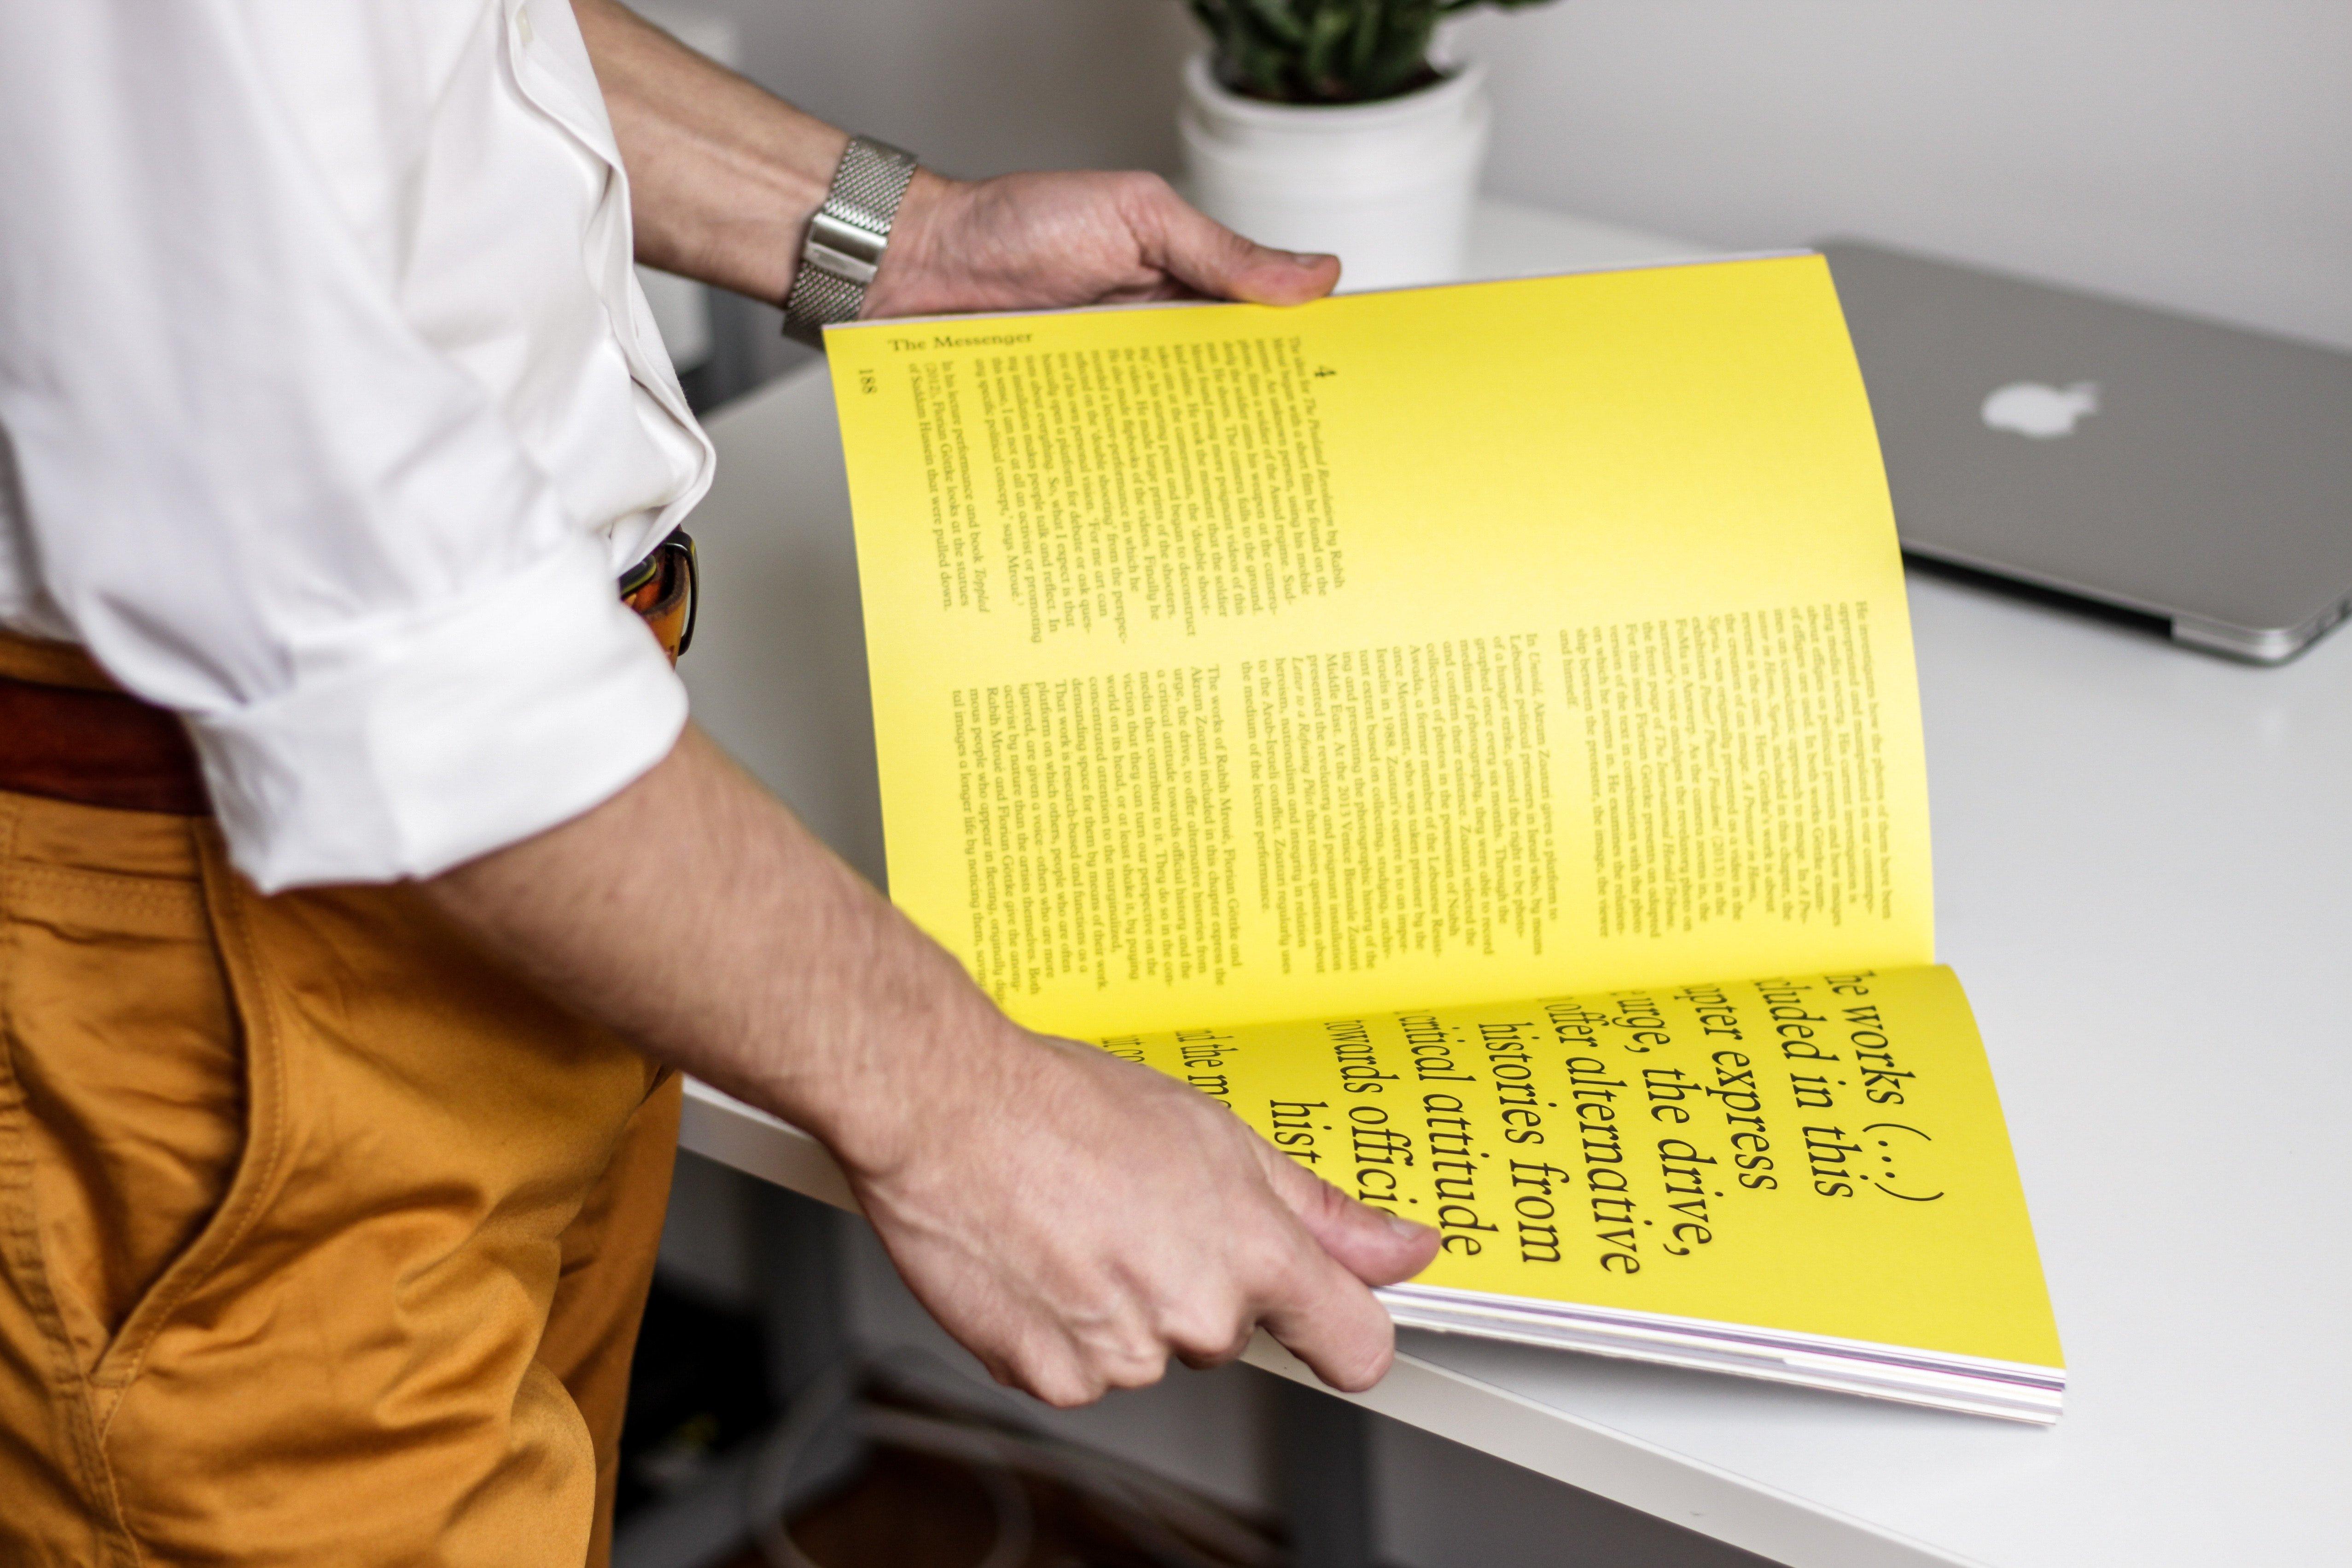 Tipografía y fuente no son lo mismo